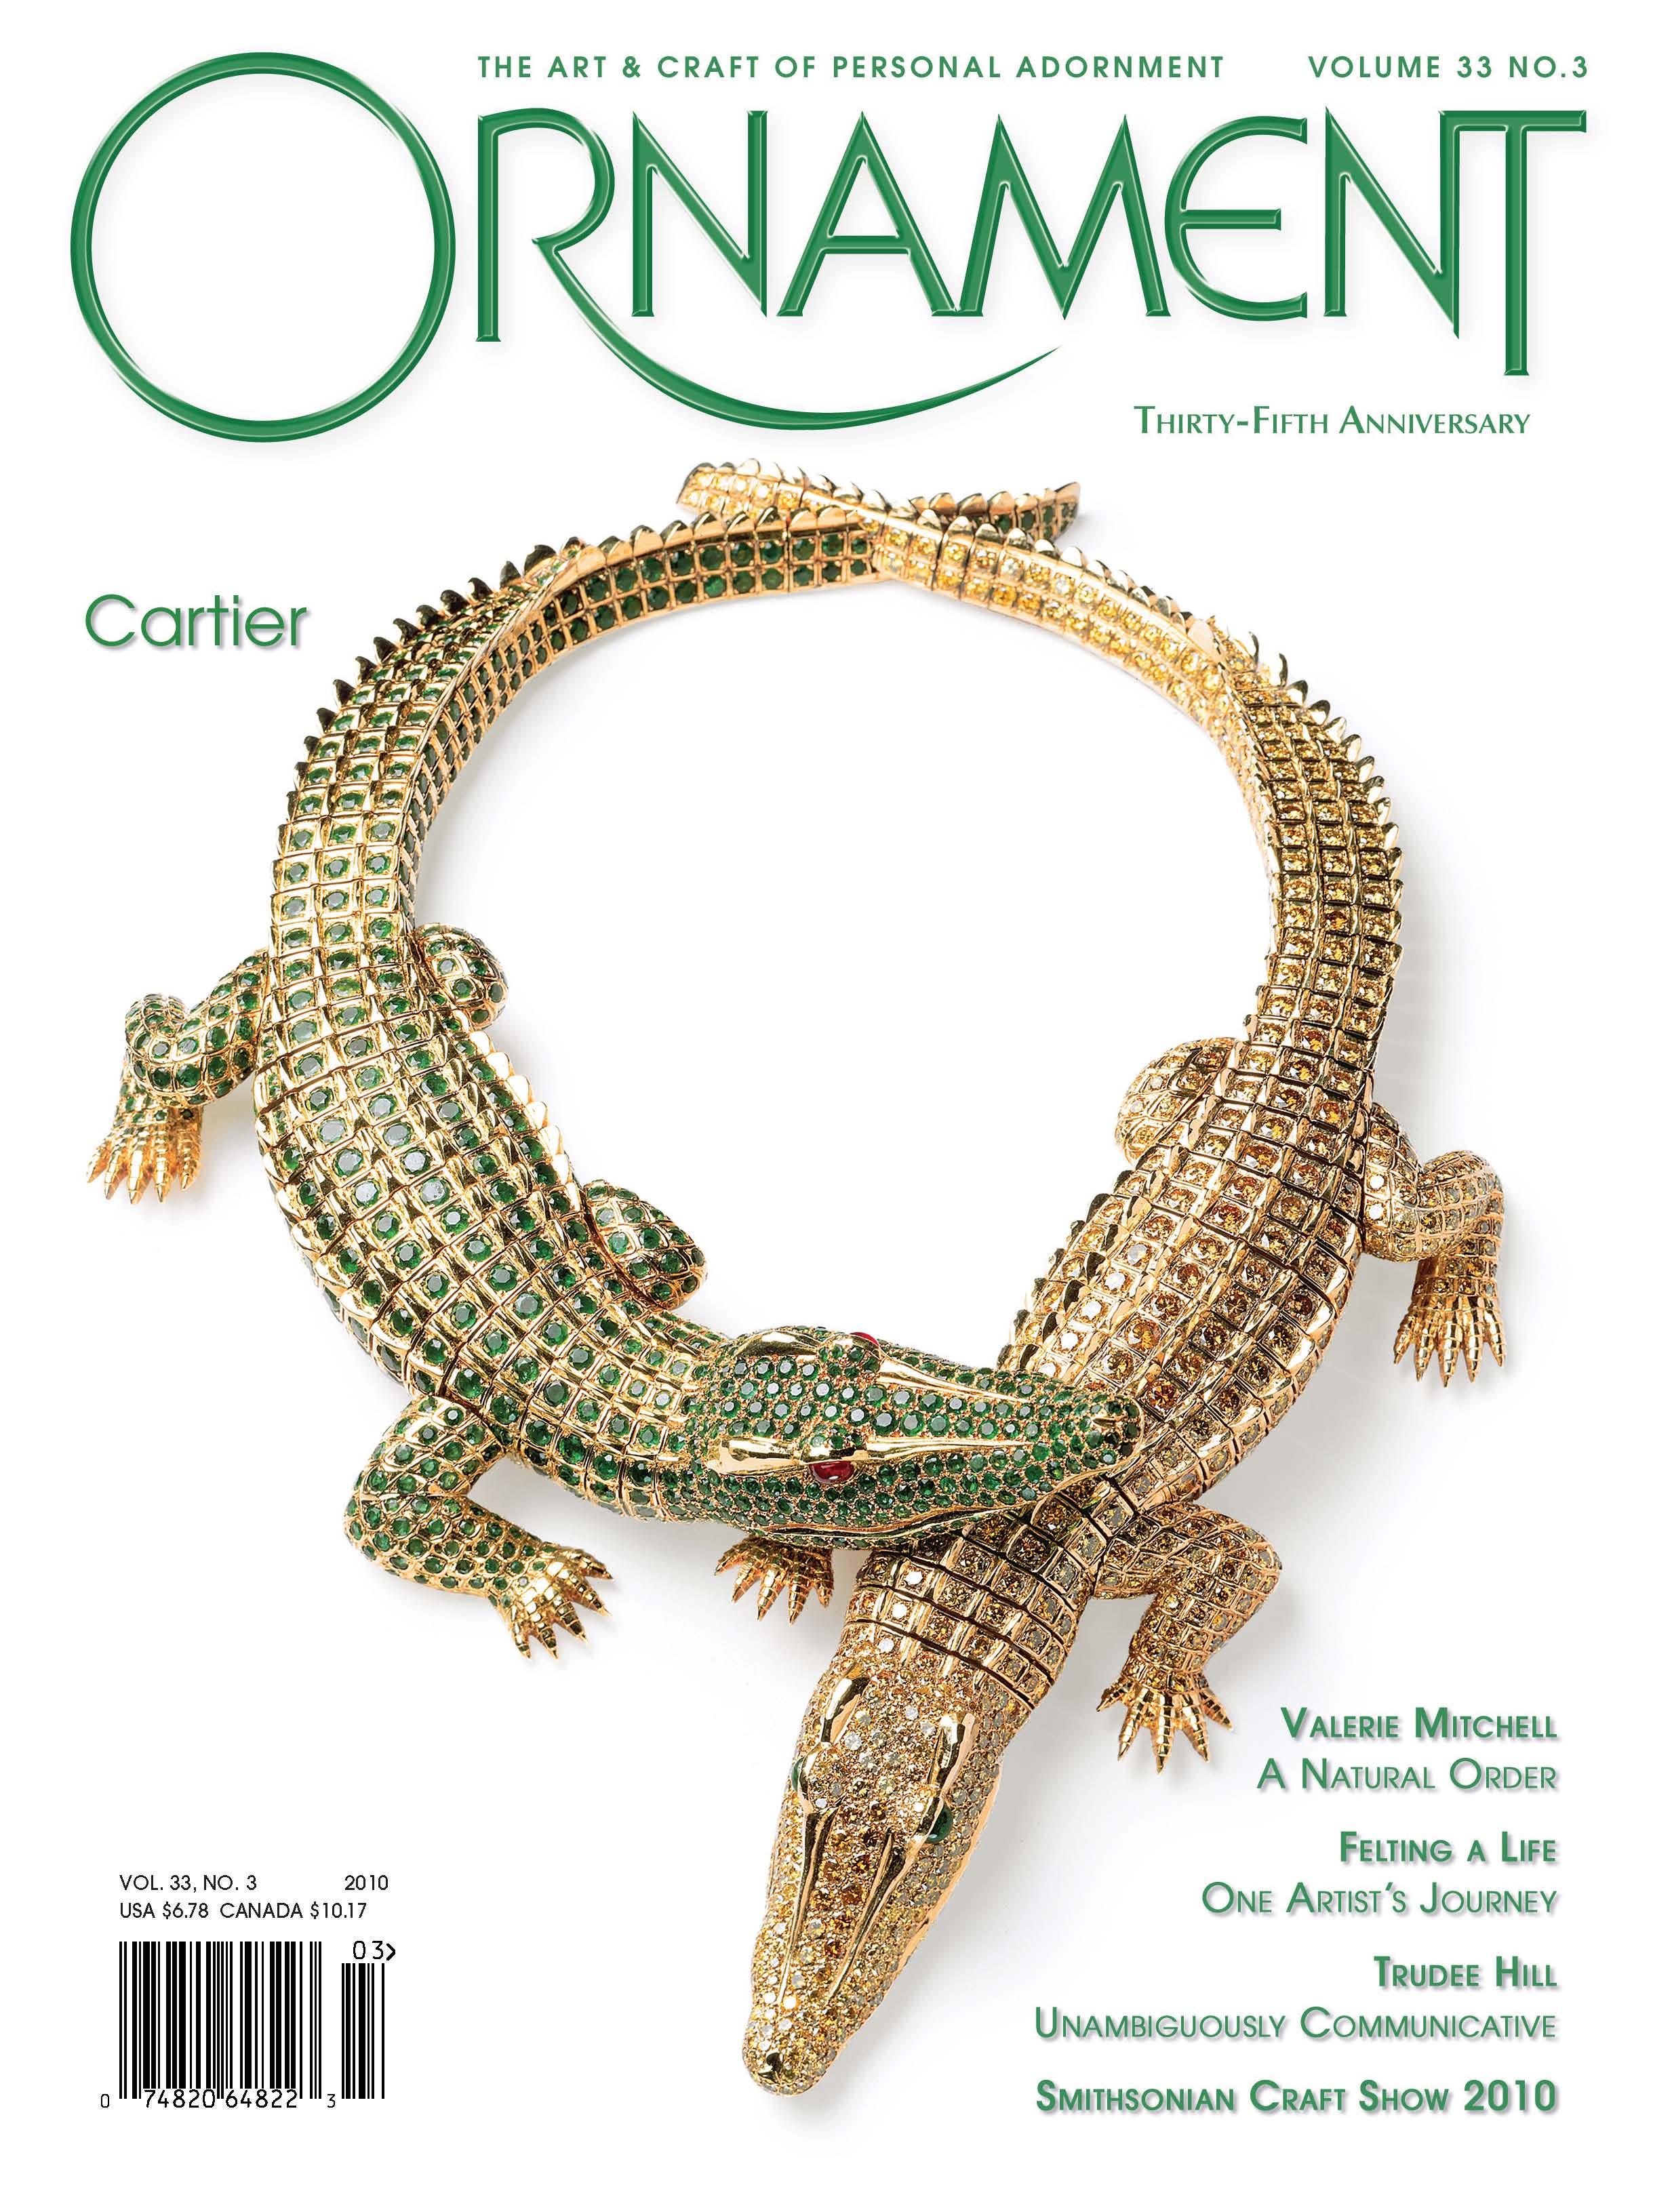 Orn33_3_Cover.jpg